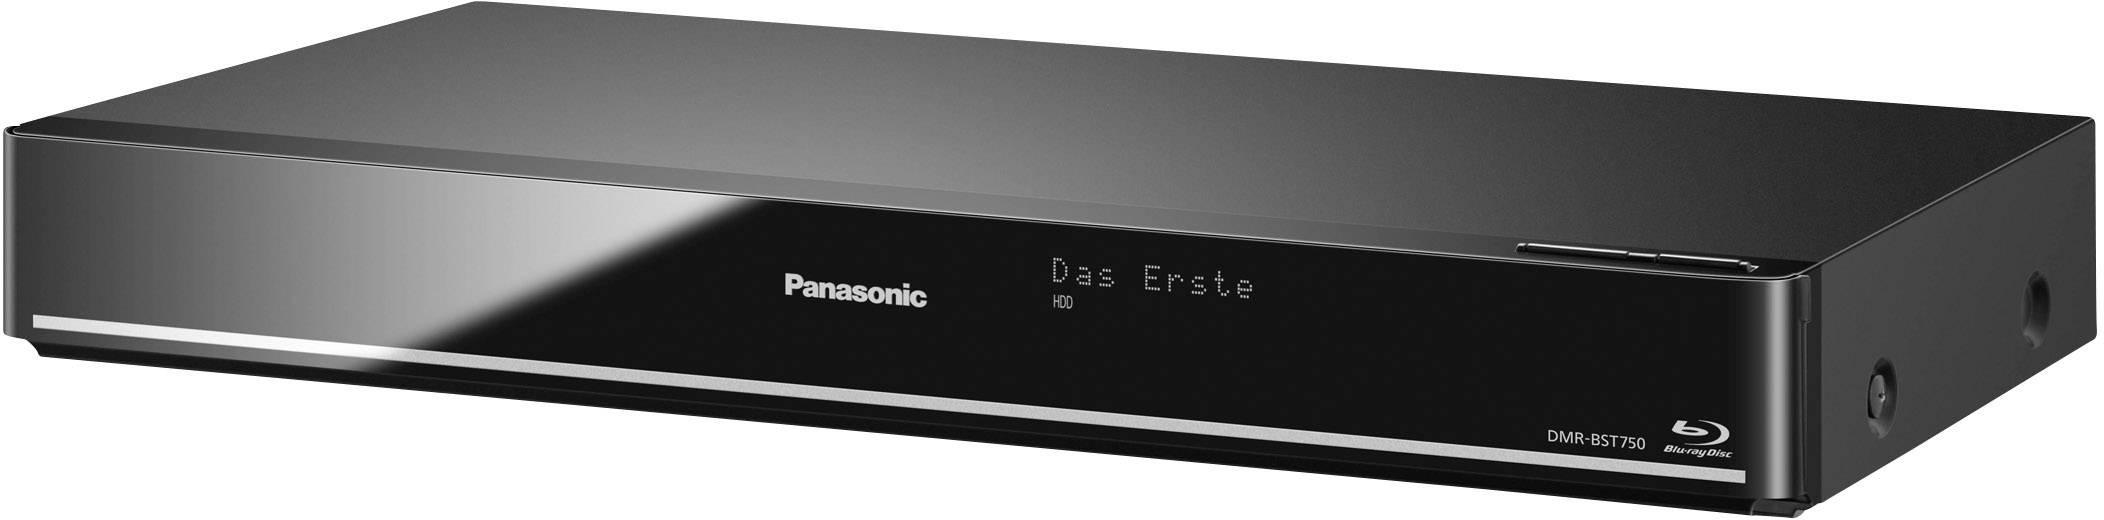 Panasonic DMR-BST750EG Recorder Driver for Windows 7